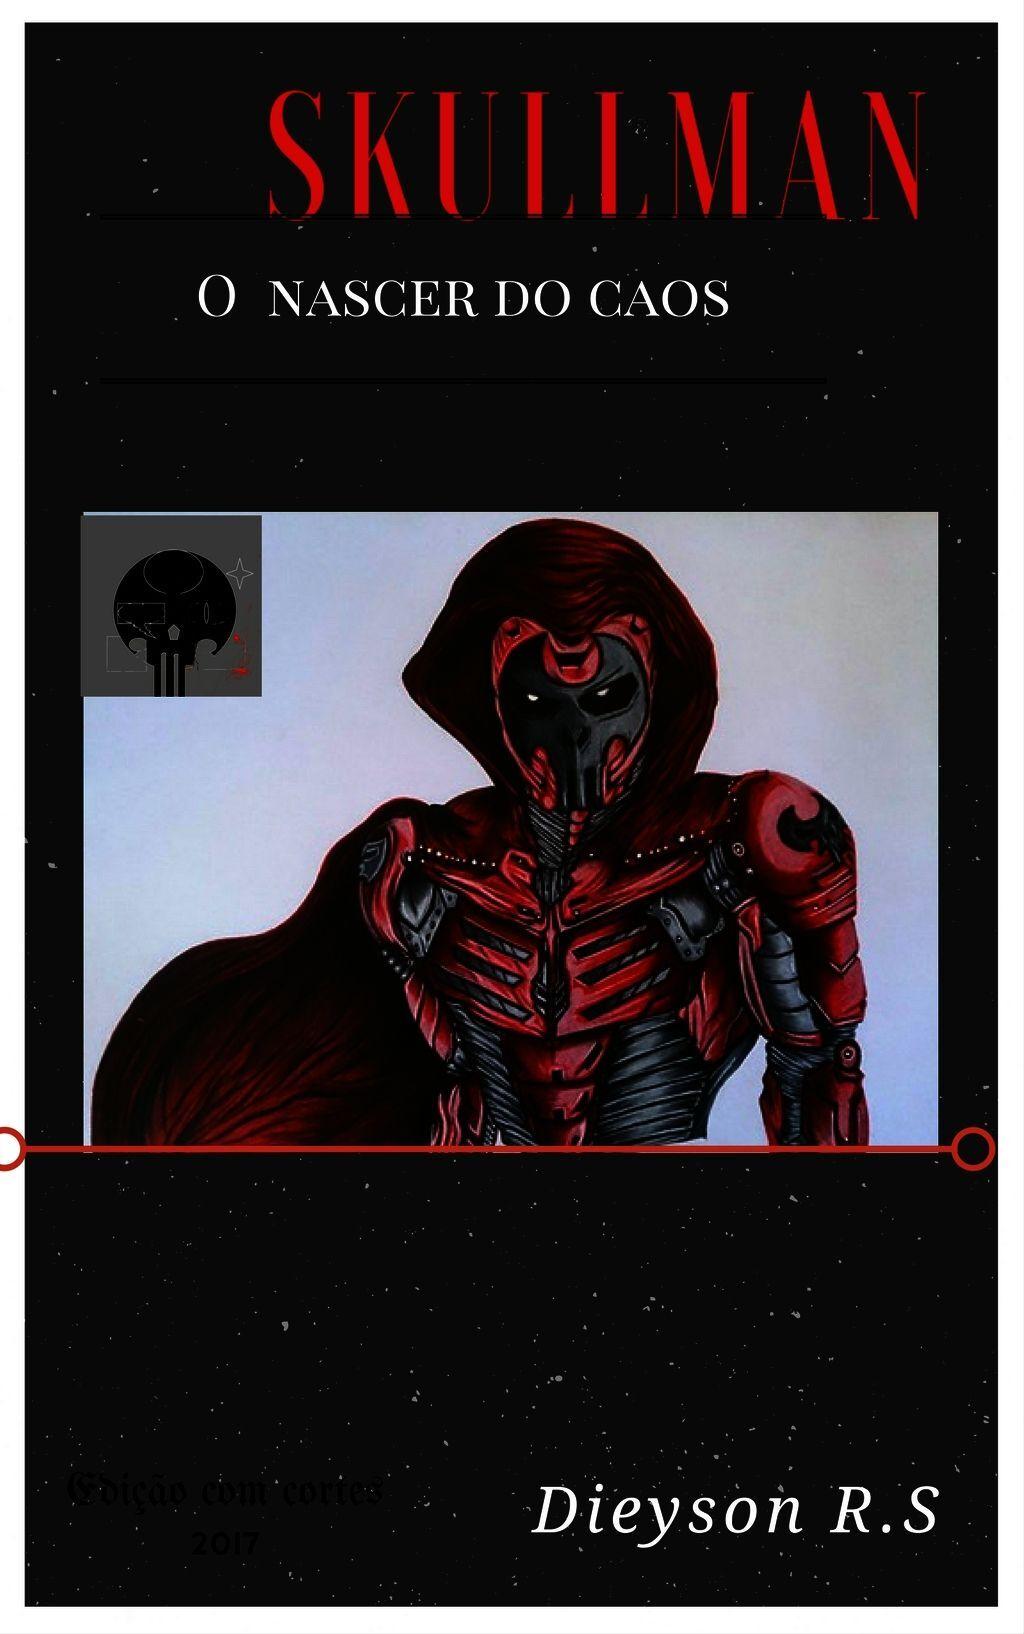 Skullman